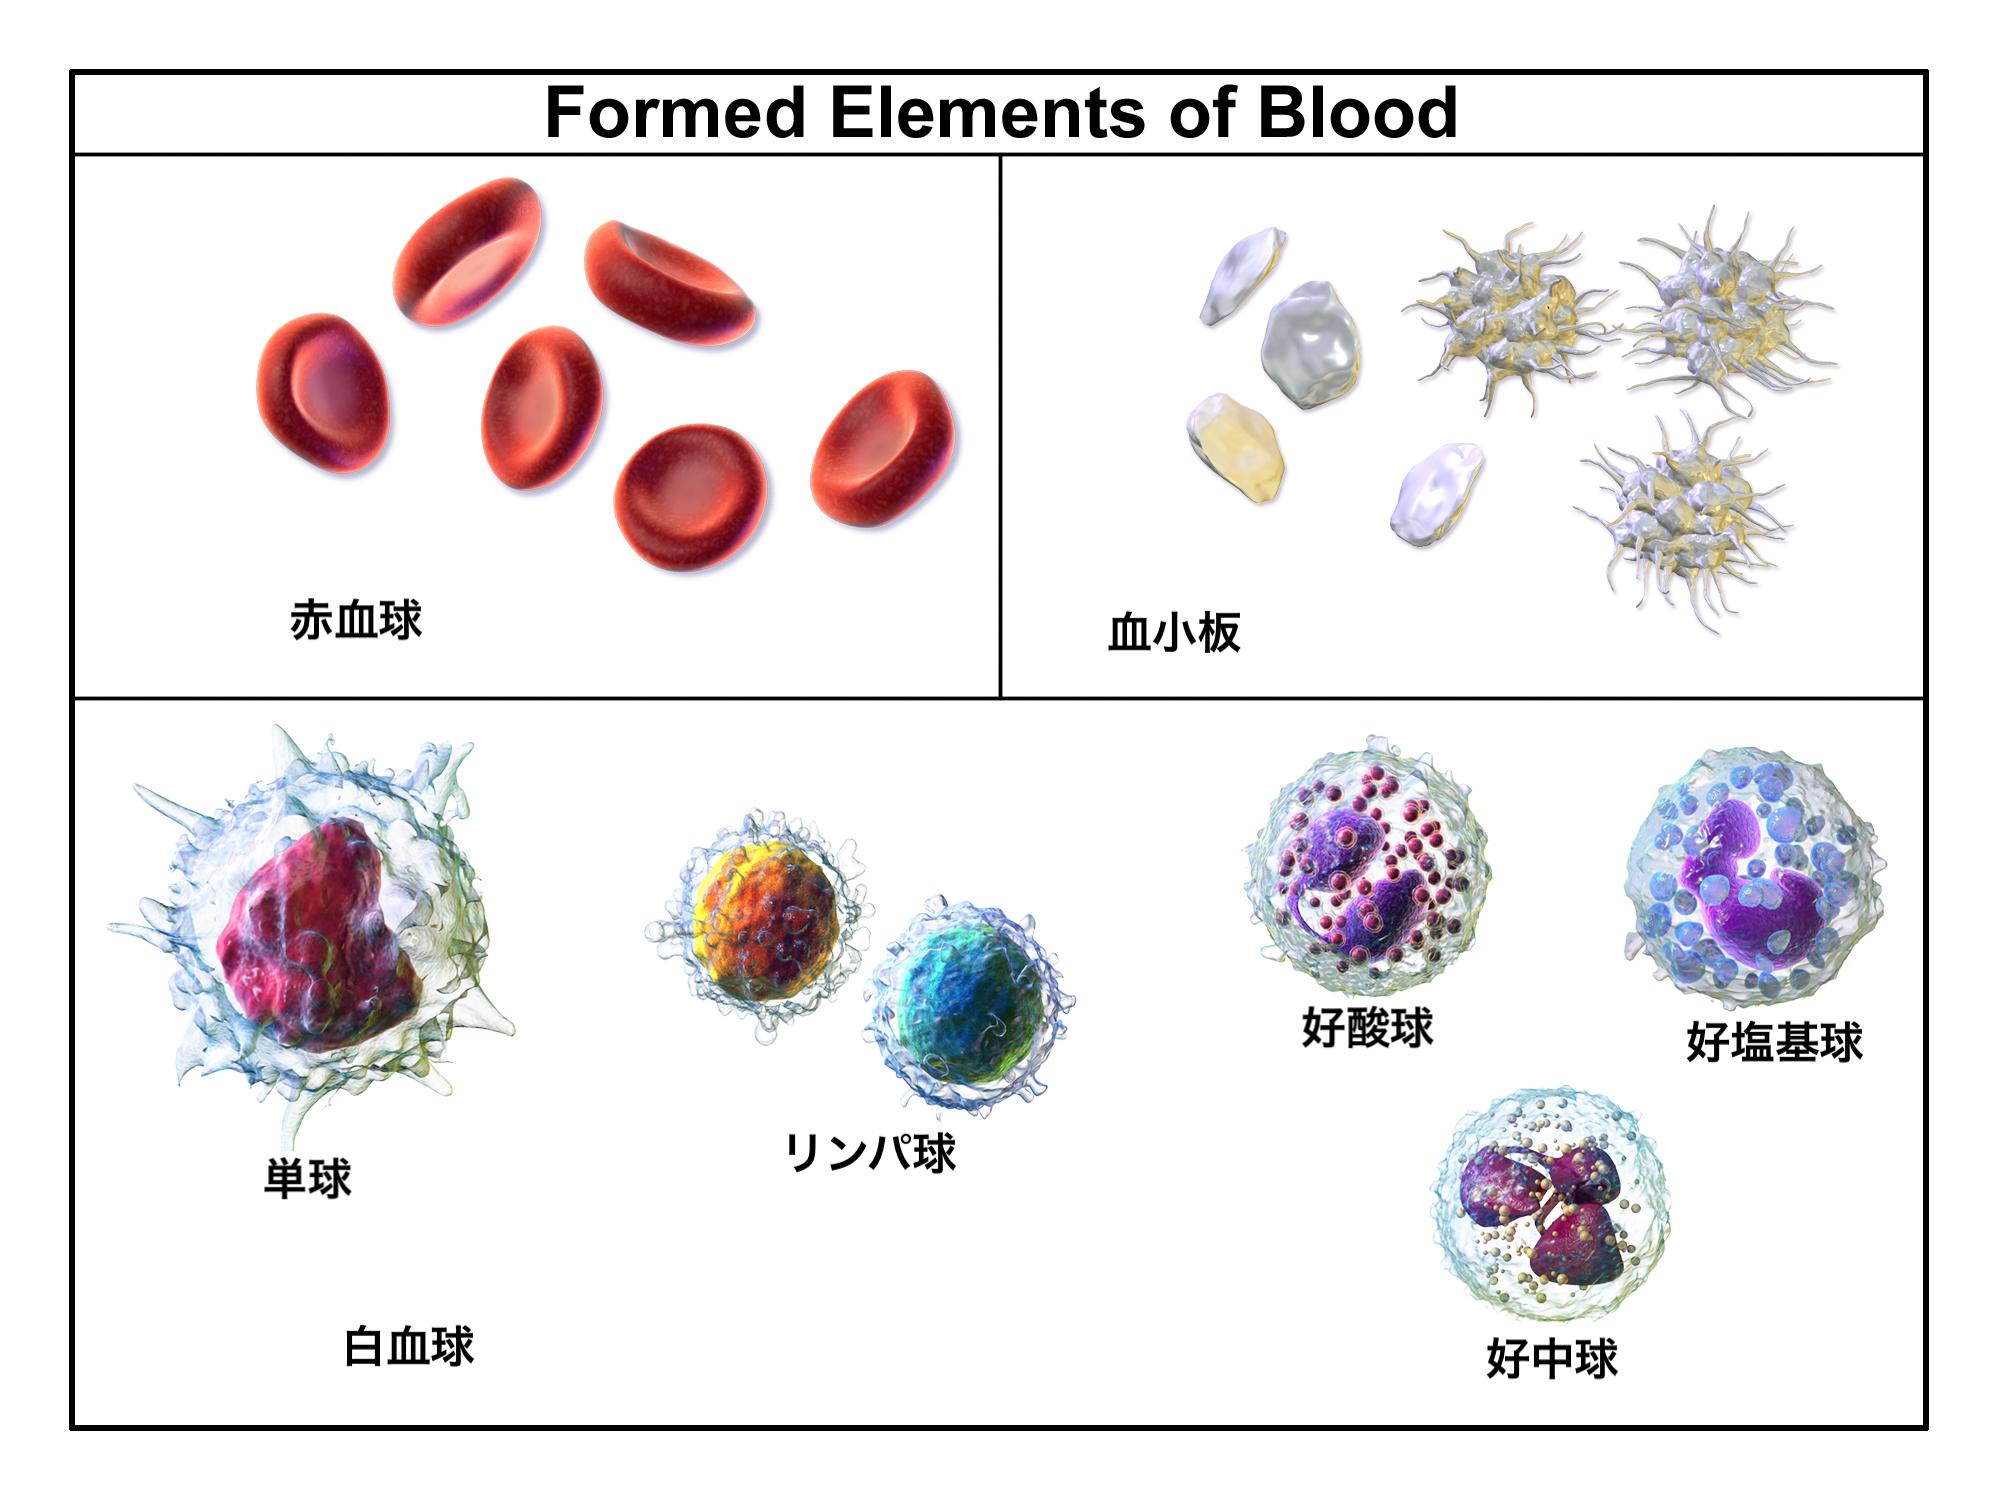 血球のイメージ